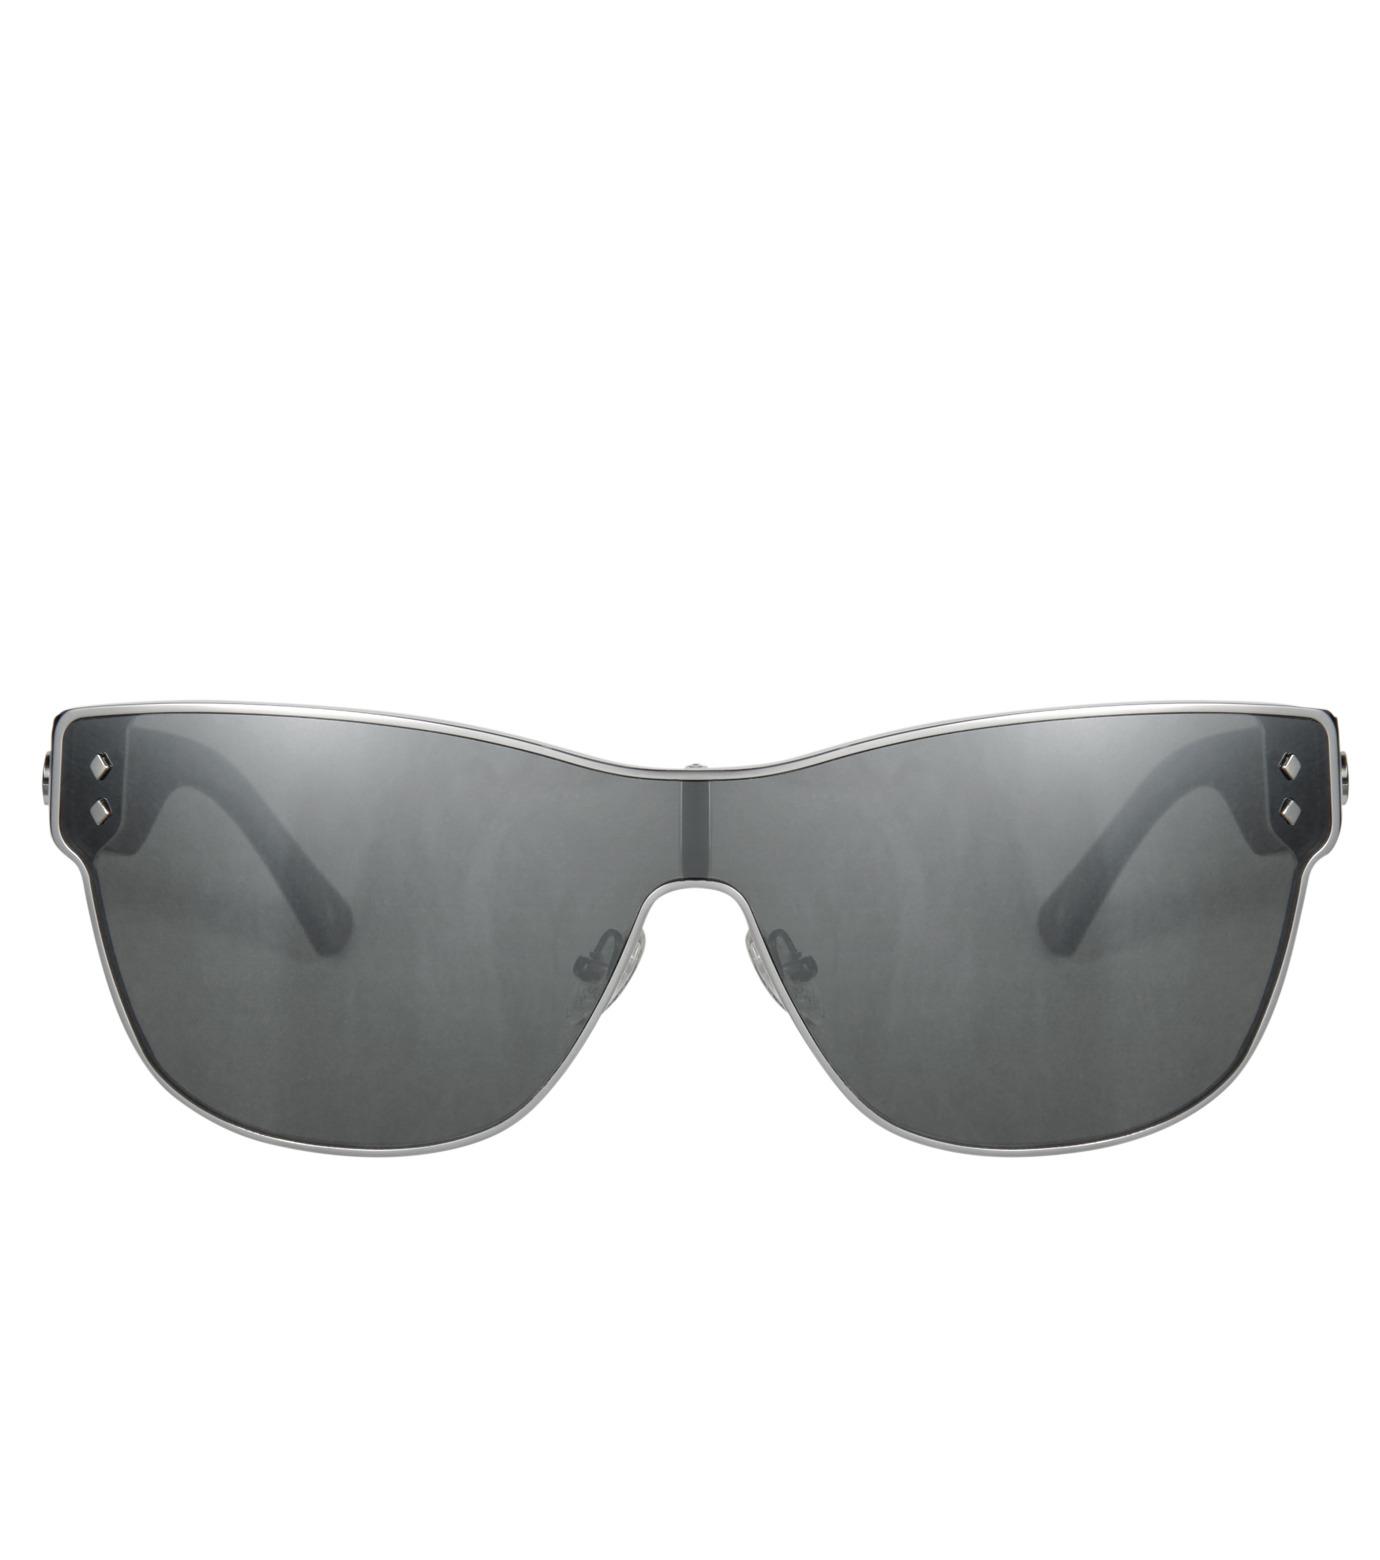 Moncler Eyewear(モンクレールアイウェア)のEYEWEAR-SILVER(アイウェア/eyewear)-MC522-1 拡大詳細画像3